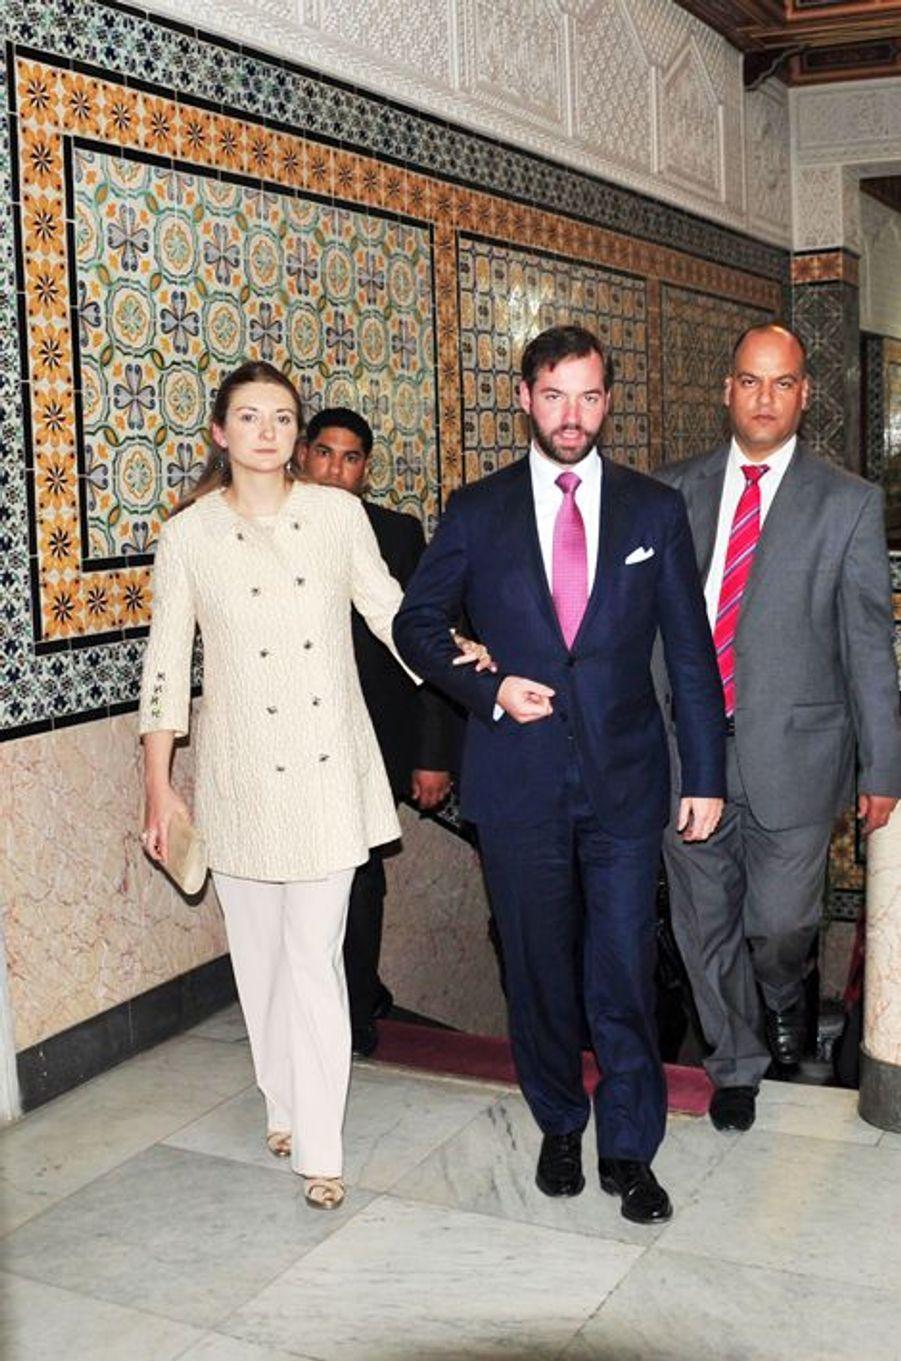 La princesse Stéphanie et le prince Guillaume de Luxembourg à Tunis, le 29 avril 2015